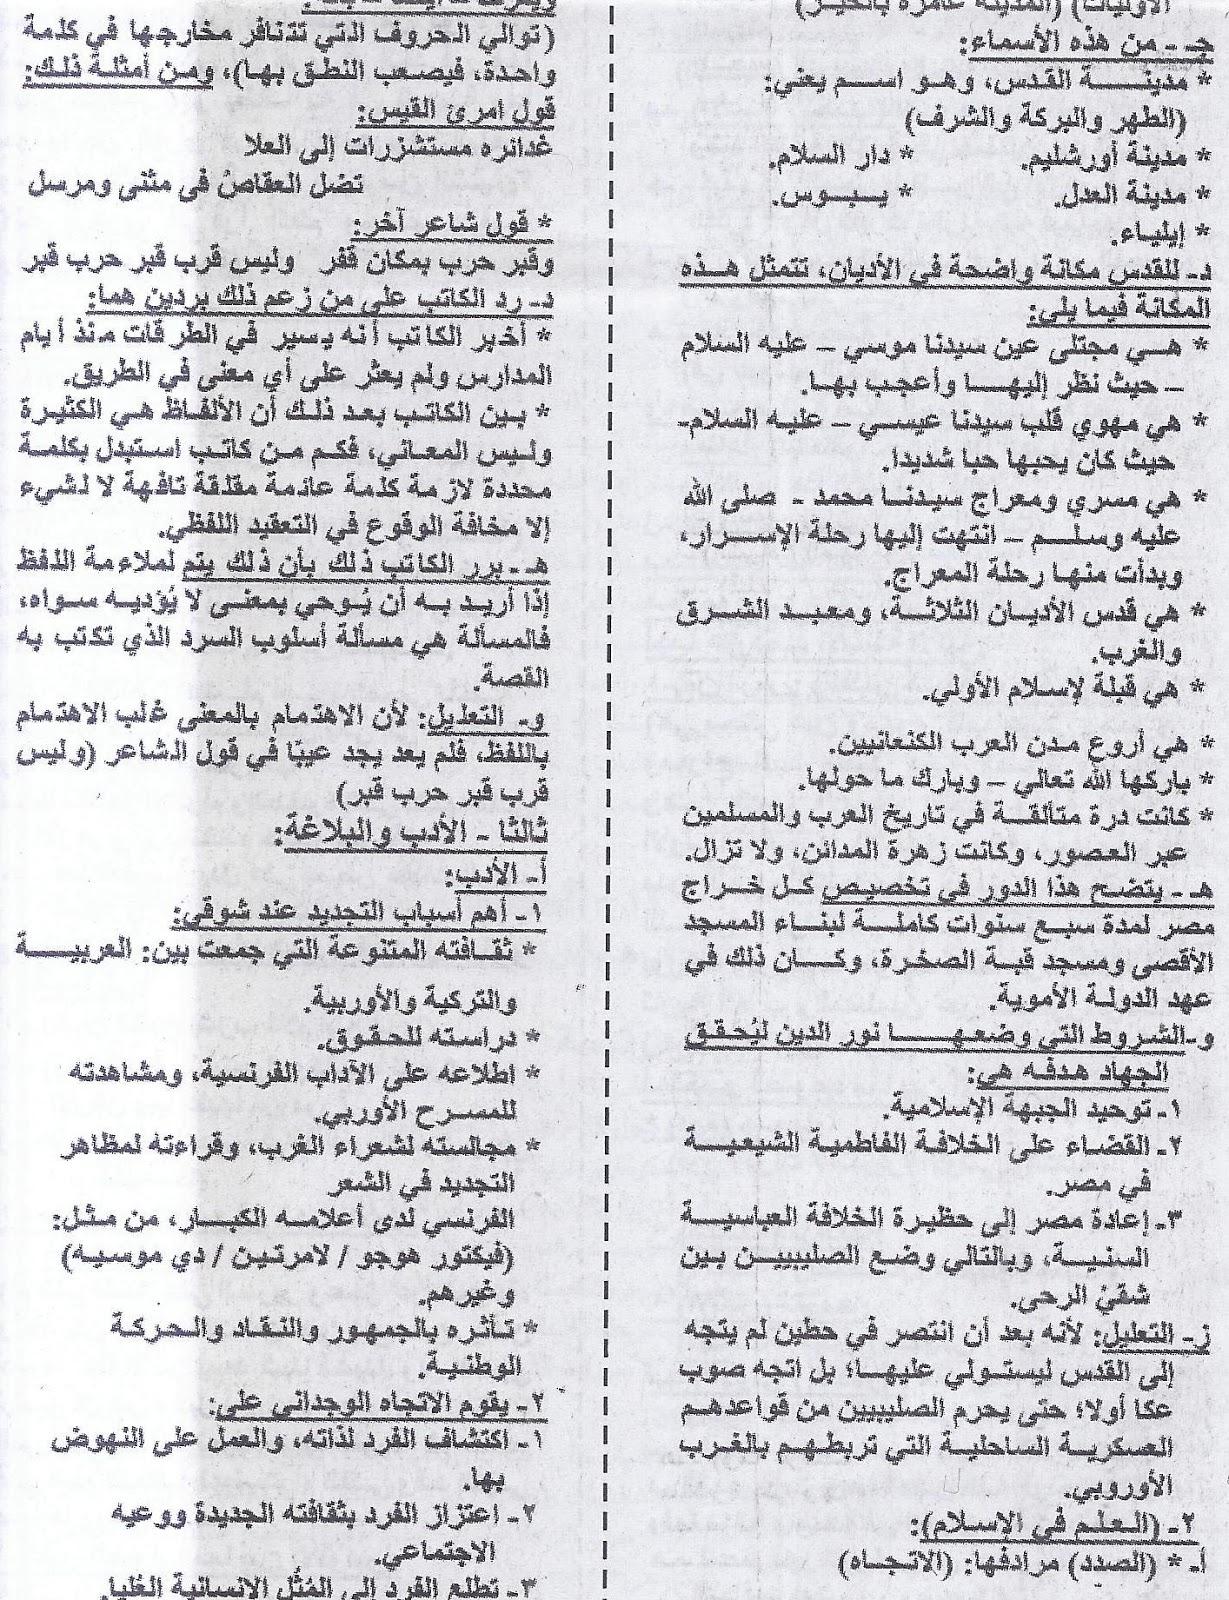 ملحق الجمهورية .. ينشر المراجعة الاخيرة لغة عربية للثانوية العامة 2016 15